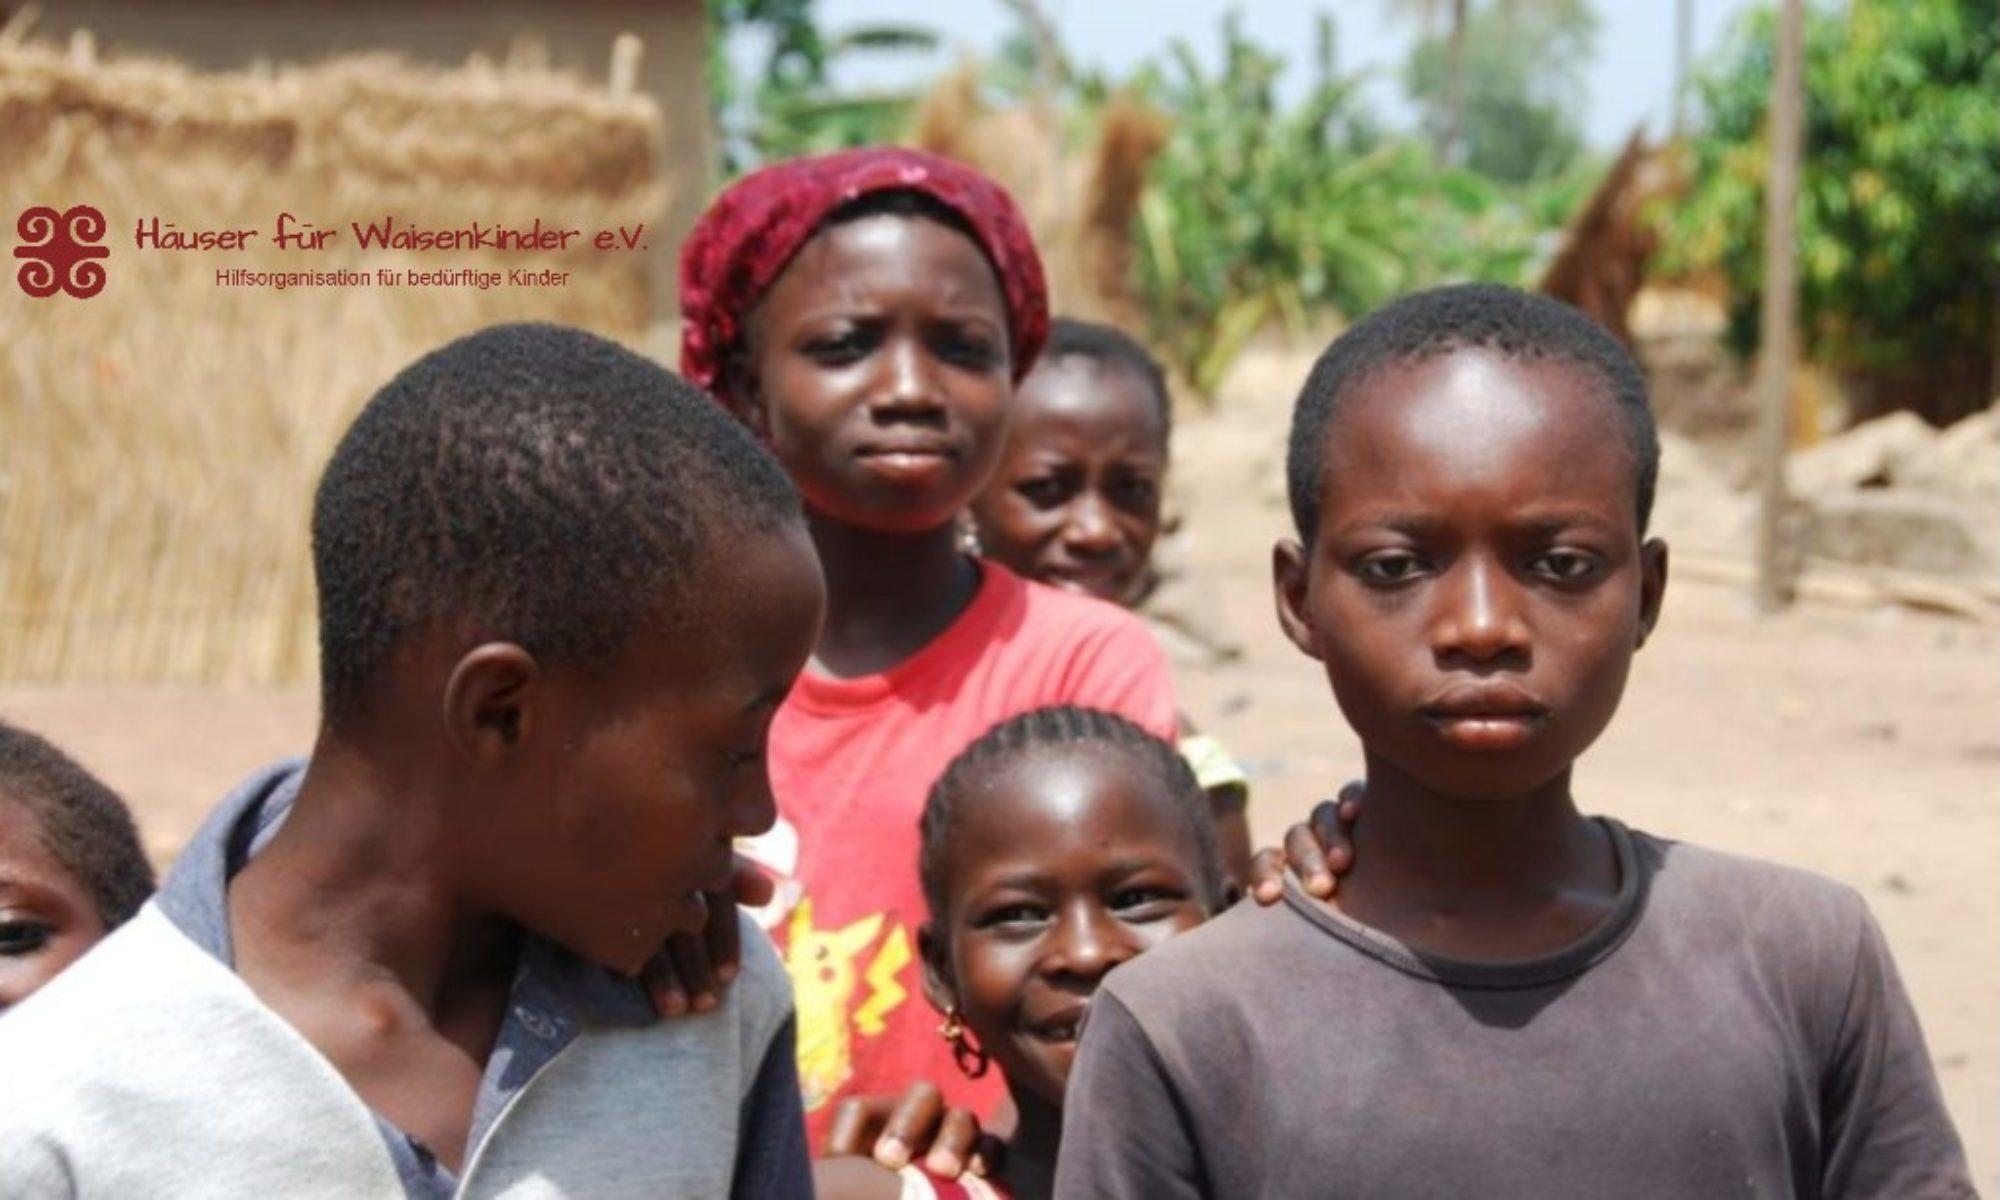 Häuser für Waisenkinder e.V.